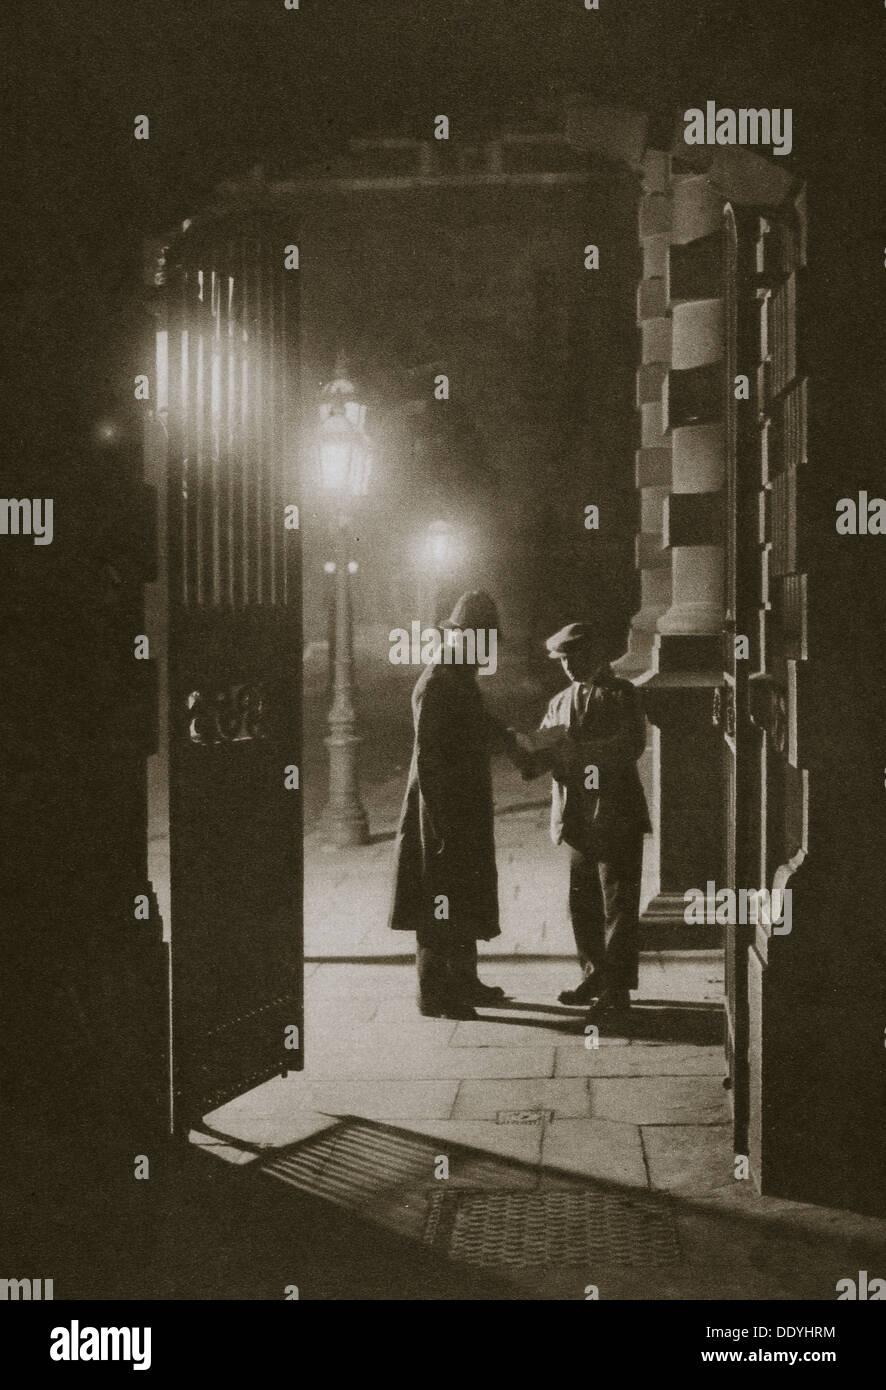 Scotland Yard in den frühen Morgenstunden von morgen, Embankment, London, 20. Jahrhundert. Künstler: unbekannt Stockfoto